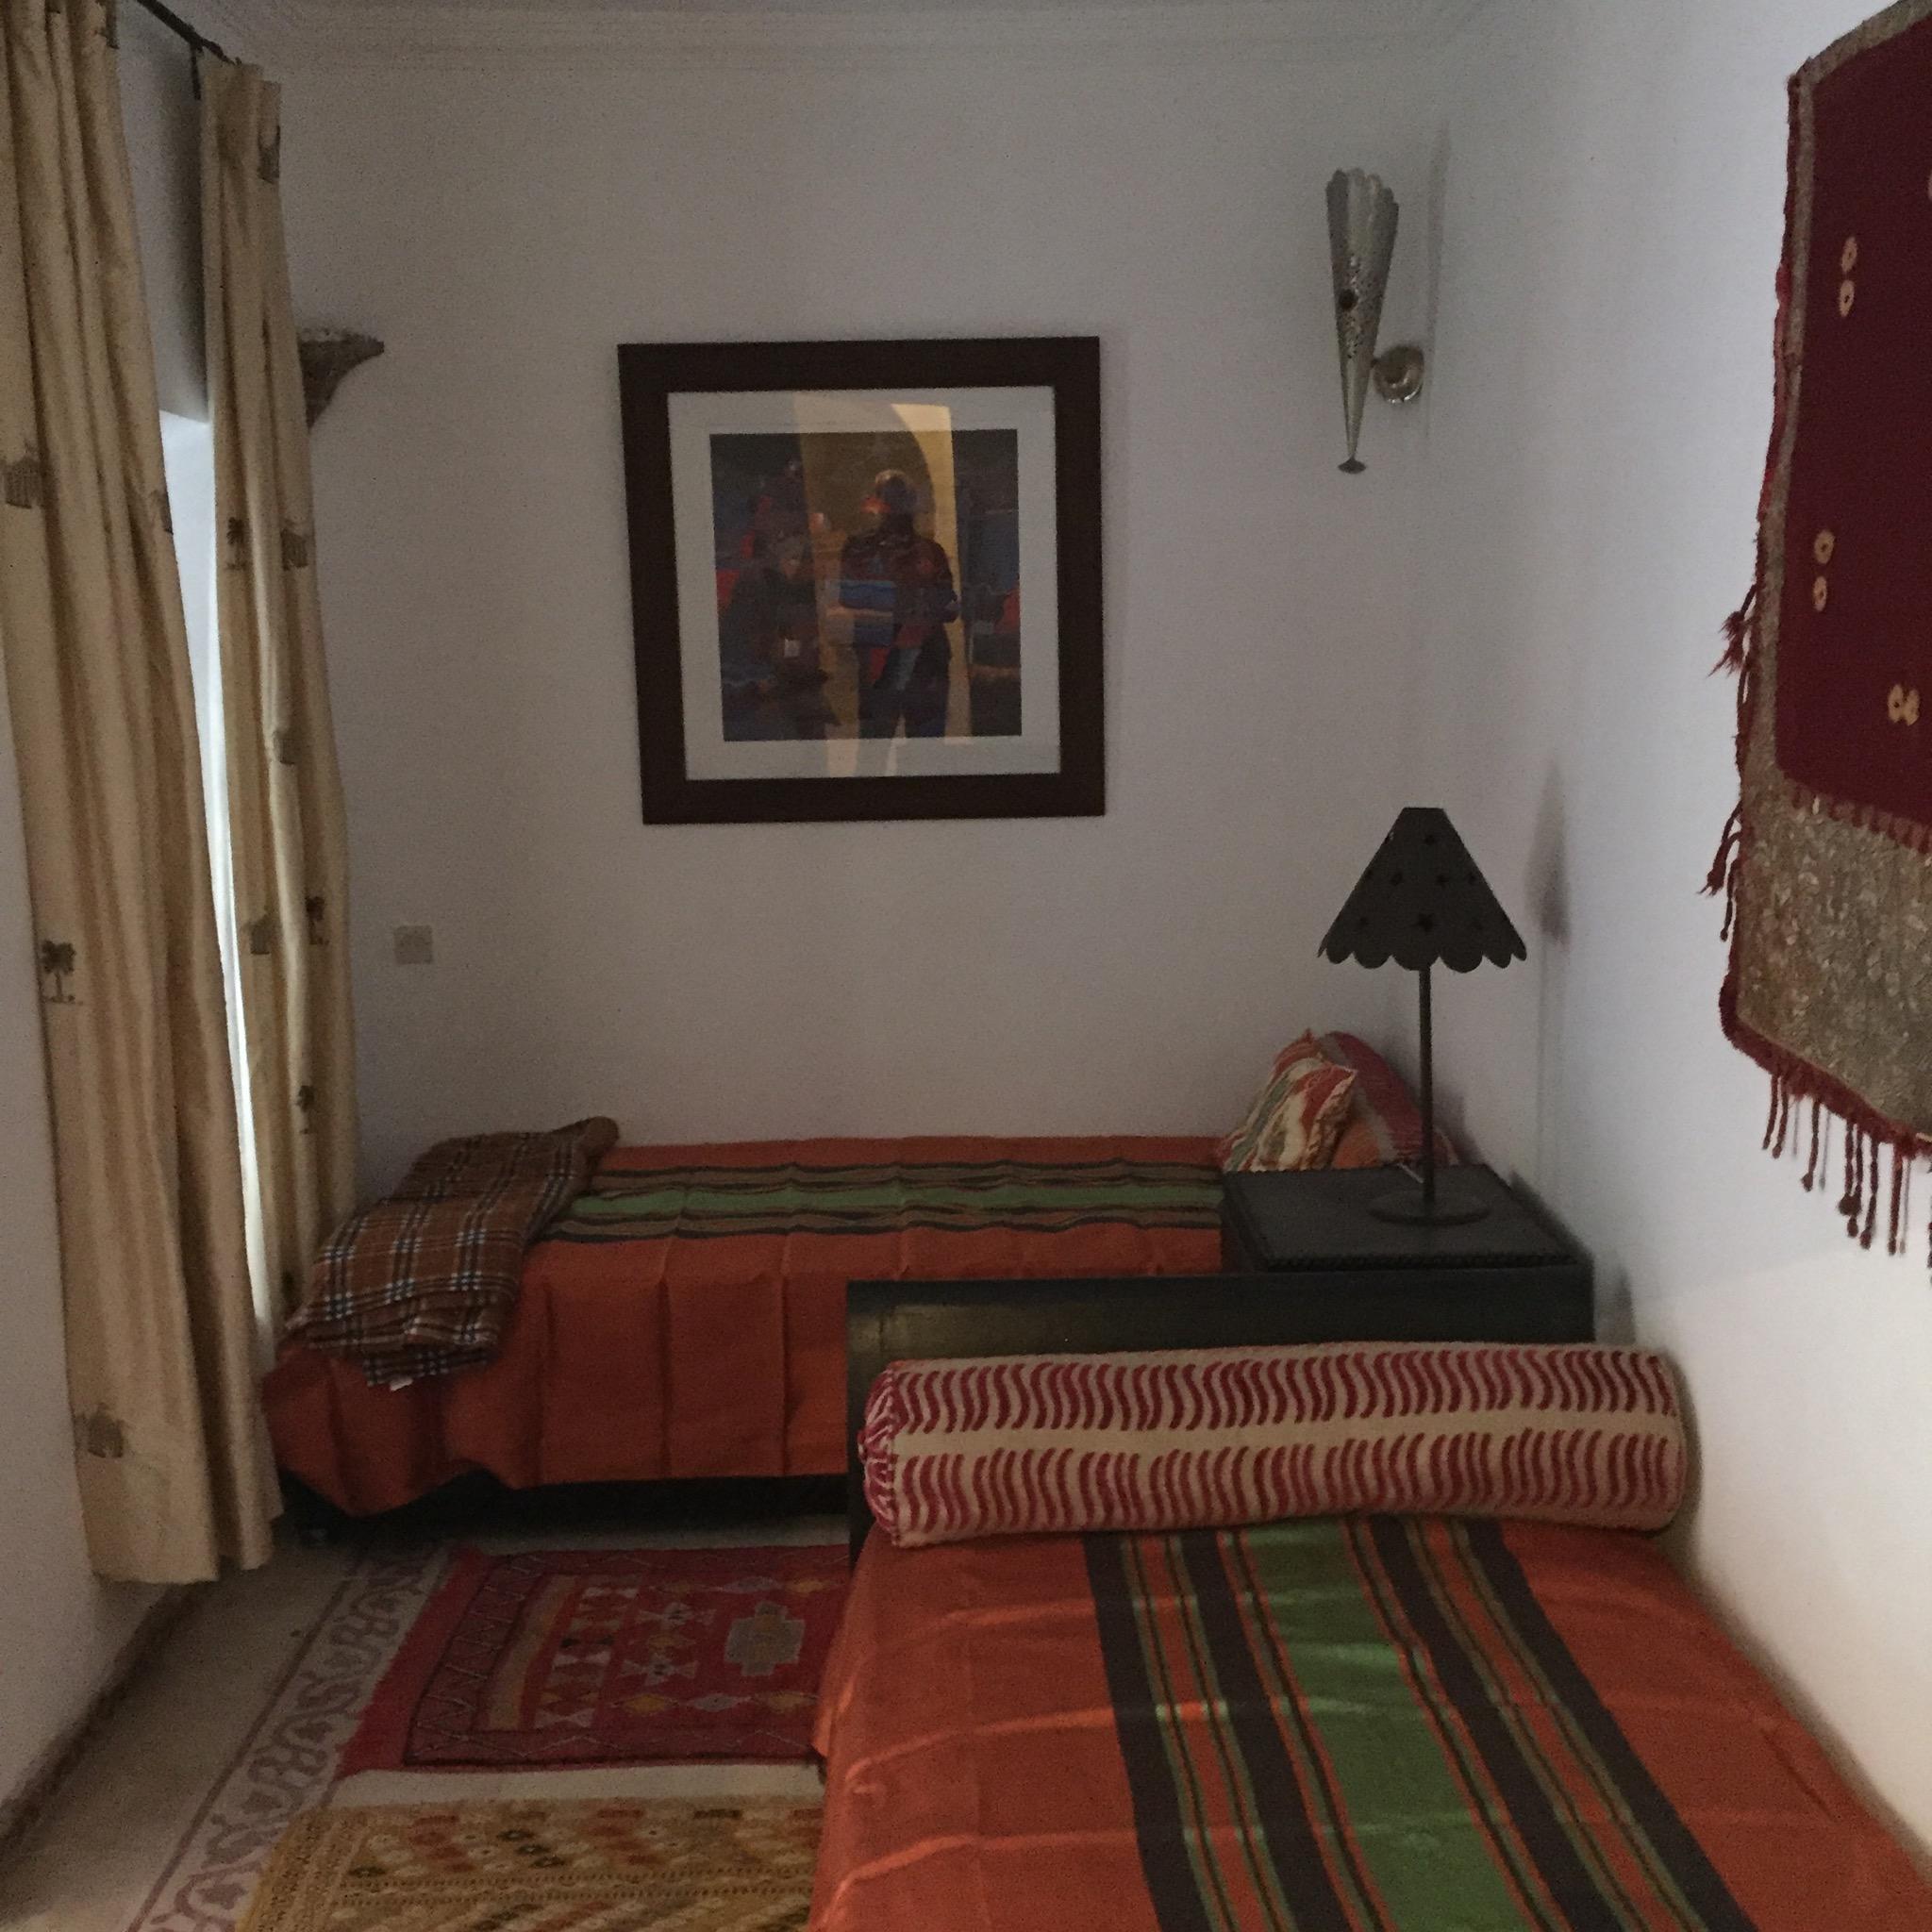 Riad La Cigogne - Laksour Marrakech - Townhouses for Rent in ...